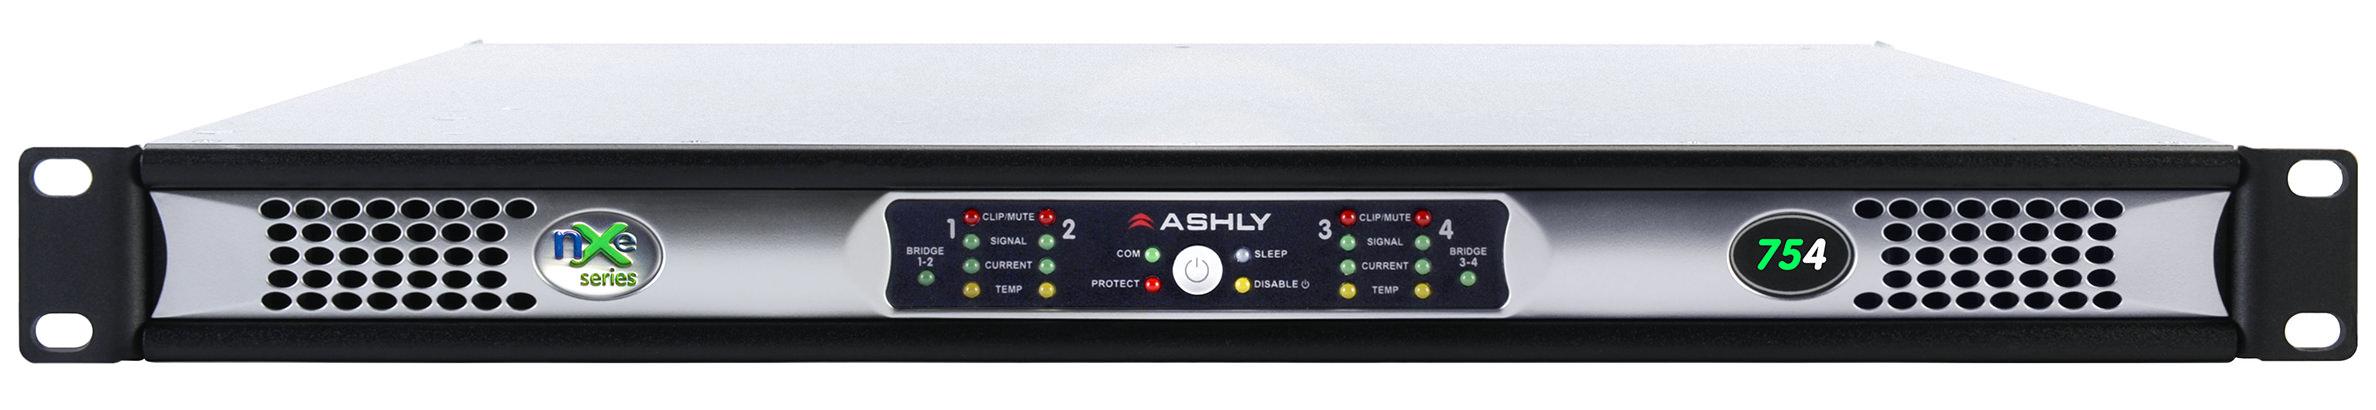 4 x 75 Watts @ 2 Ohms Network Power Amplifier